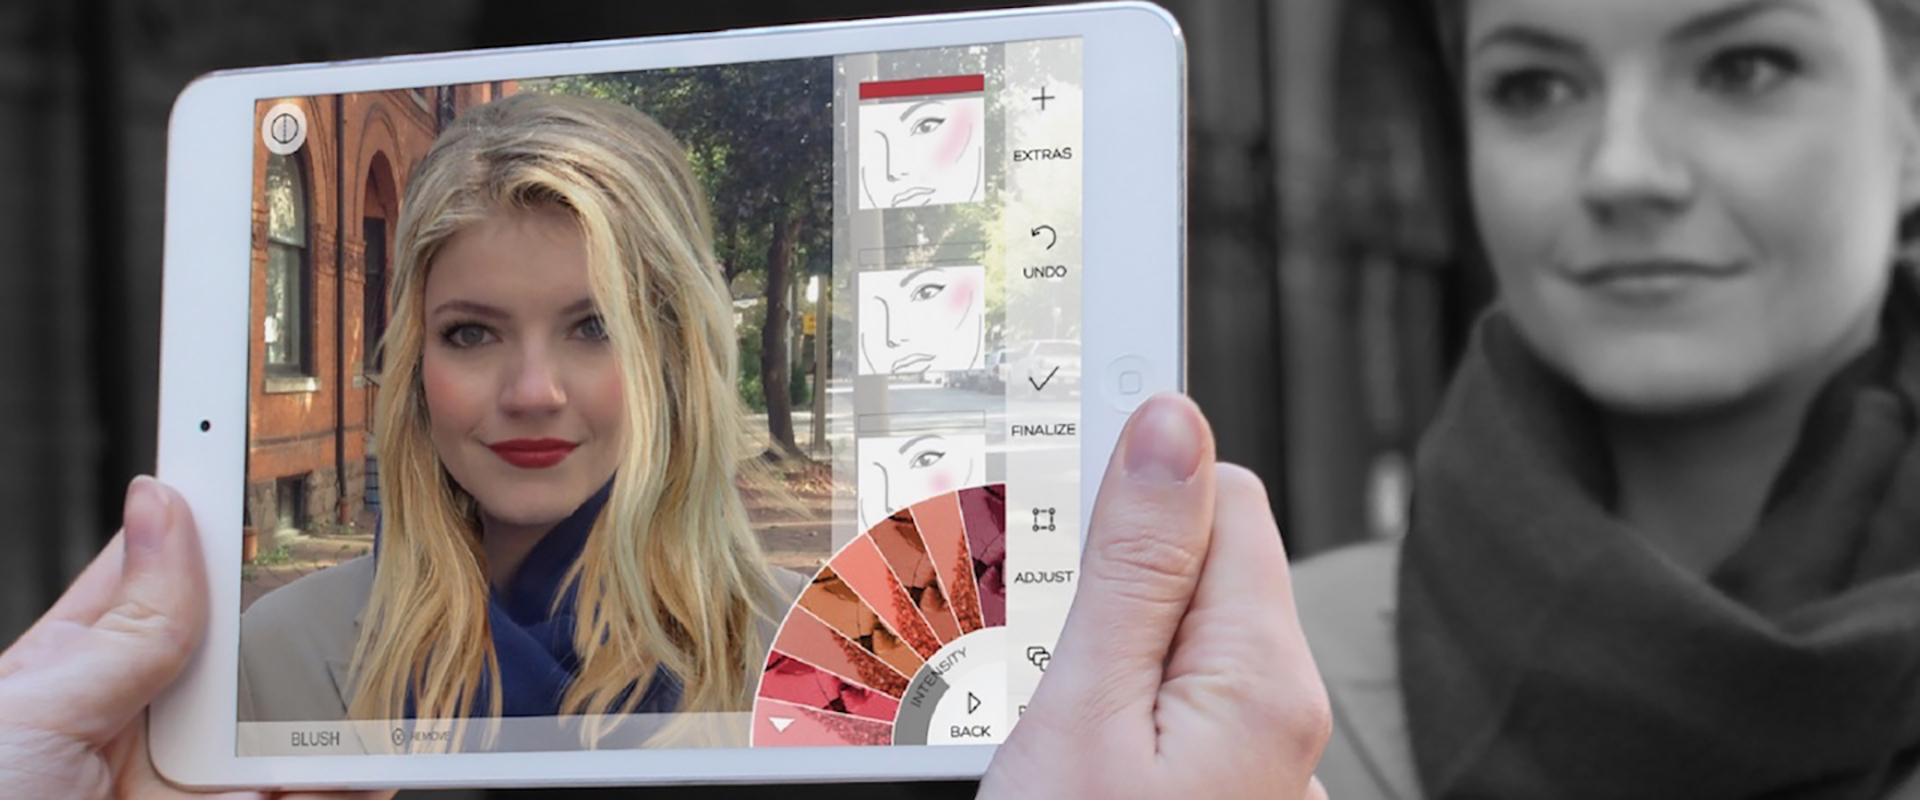 Modiface AR App